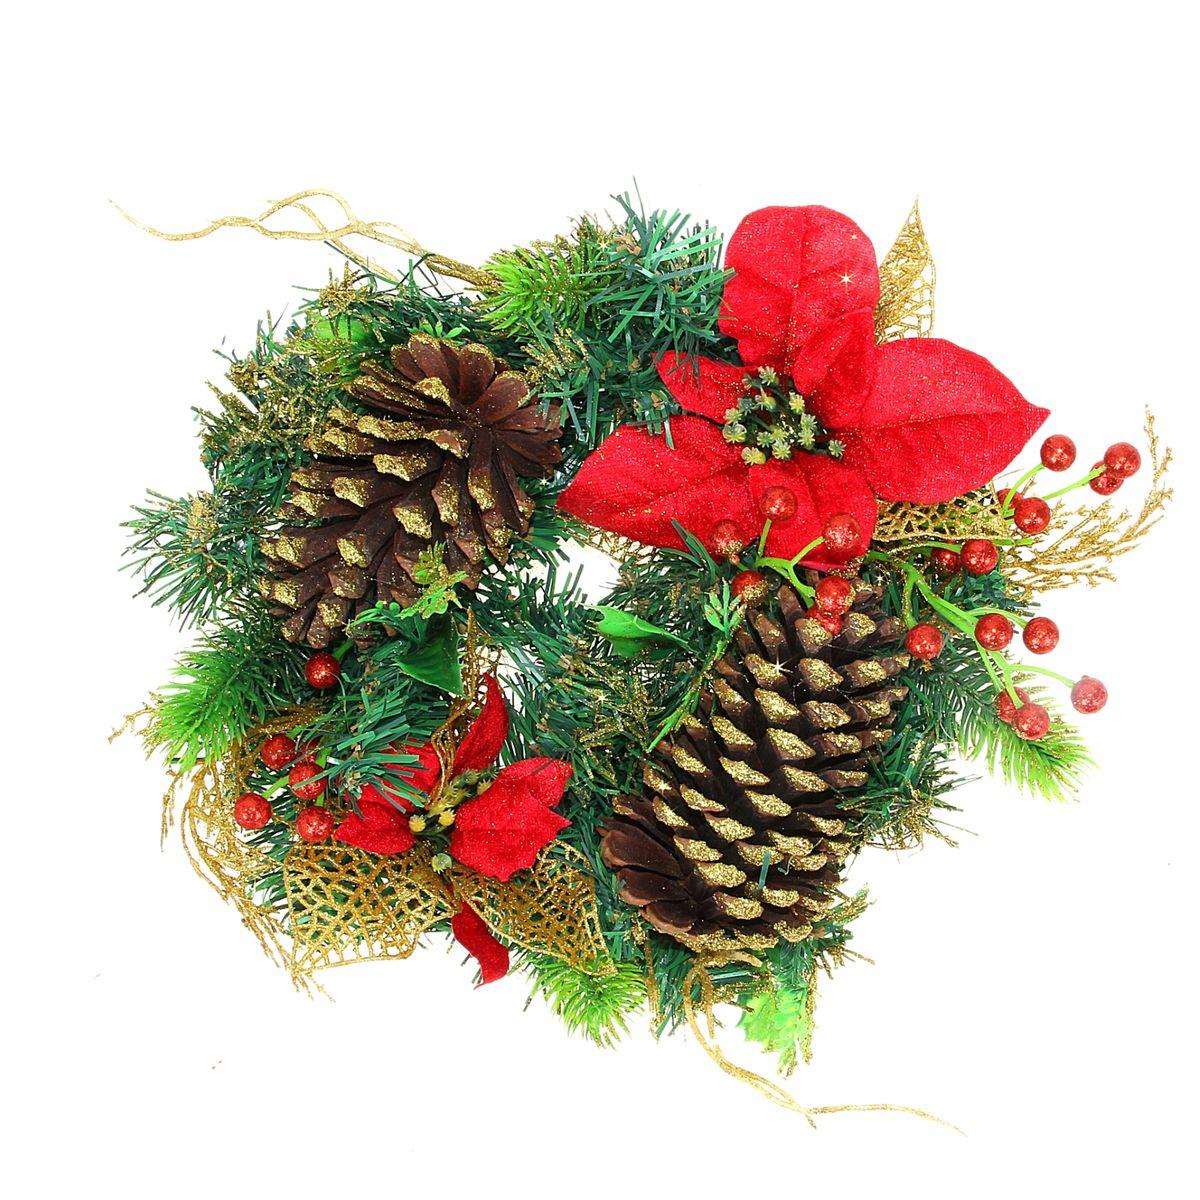 Новогоднее декоративное украшение Венок рождественский Большие шишки 30 см 826106718864Декоративный венок Sima-land Венок. Шишки, банты и снег, дополнит интерьер любого помещения, а также может стать оригинальным подарком для ваших друзей и близких. Композиция, выполненная в виде венка из искусственной сосновой ветки с натуральными шишками, украшена текстильными бантиками, пластиковыми шариками, декоративными подарочками и бусинами в виде ягодок. Венок оформлен блесками. Оформление помещения декоративным венком создаст праздничную, по-настоящему радостную и теплую атмосферу. Новогодние украшения всегда несут в себе волшебство и красоту праздника. Создайте в своем доме атмосферу тепла, веселья и радости, украшая его всей семьей.